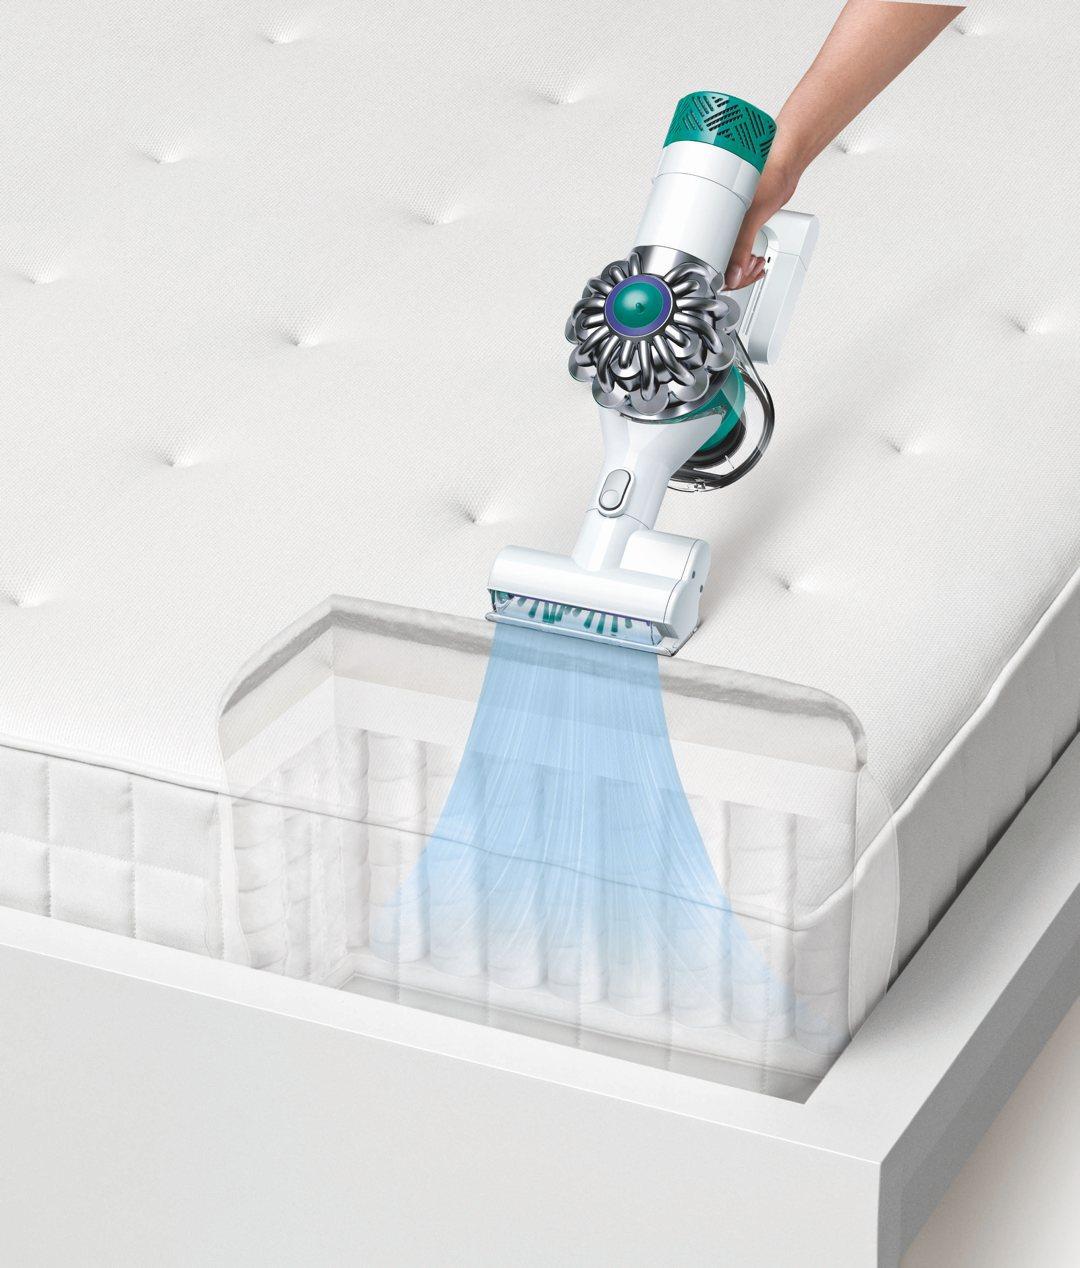 Dyson v6 mattress dyson краснодарский край